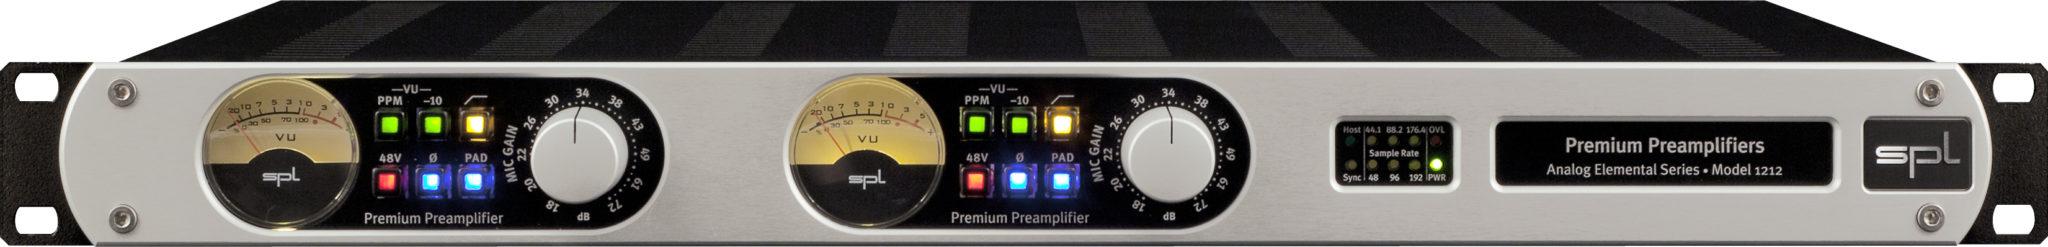 Premium_Premium_front_print